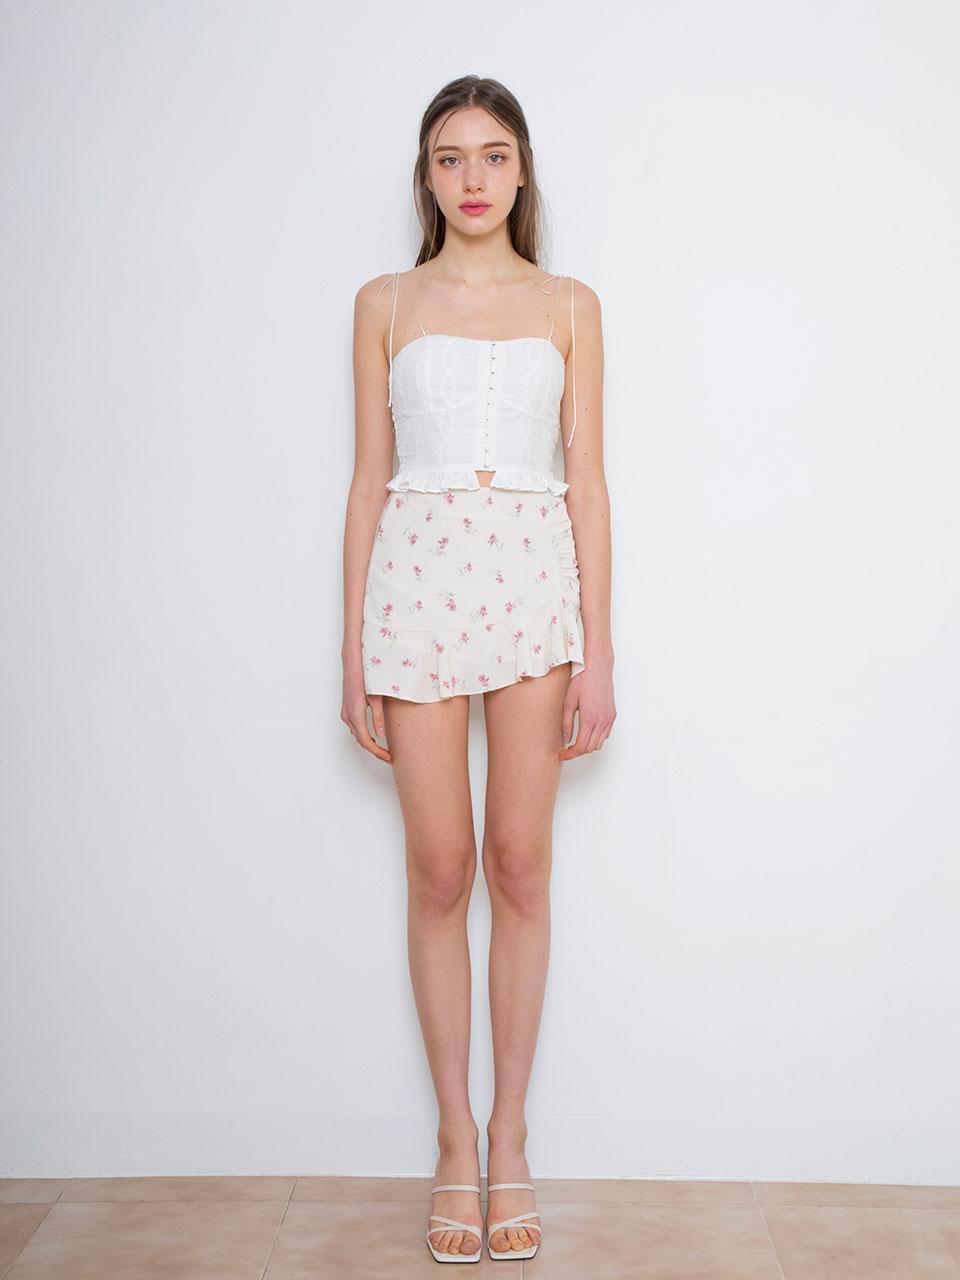 화사 착용 Lace bustier sleeveless (white)